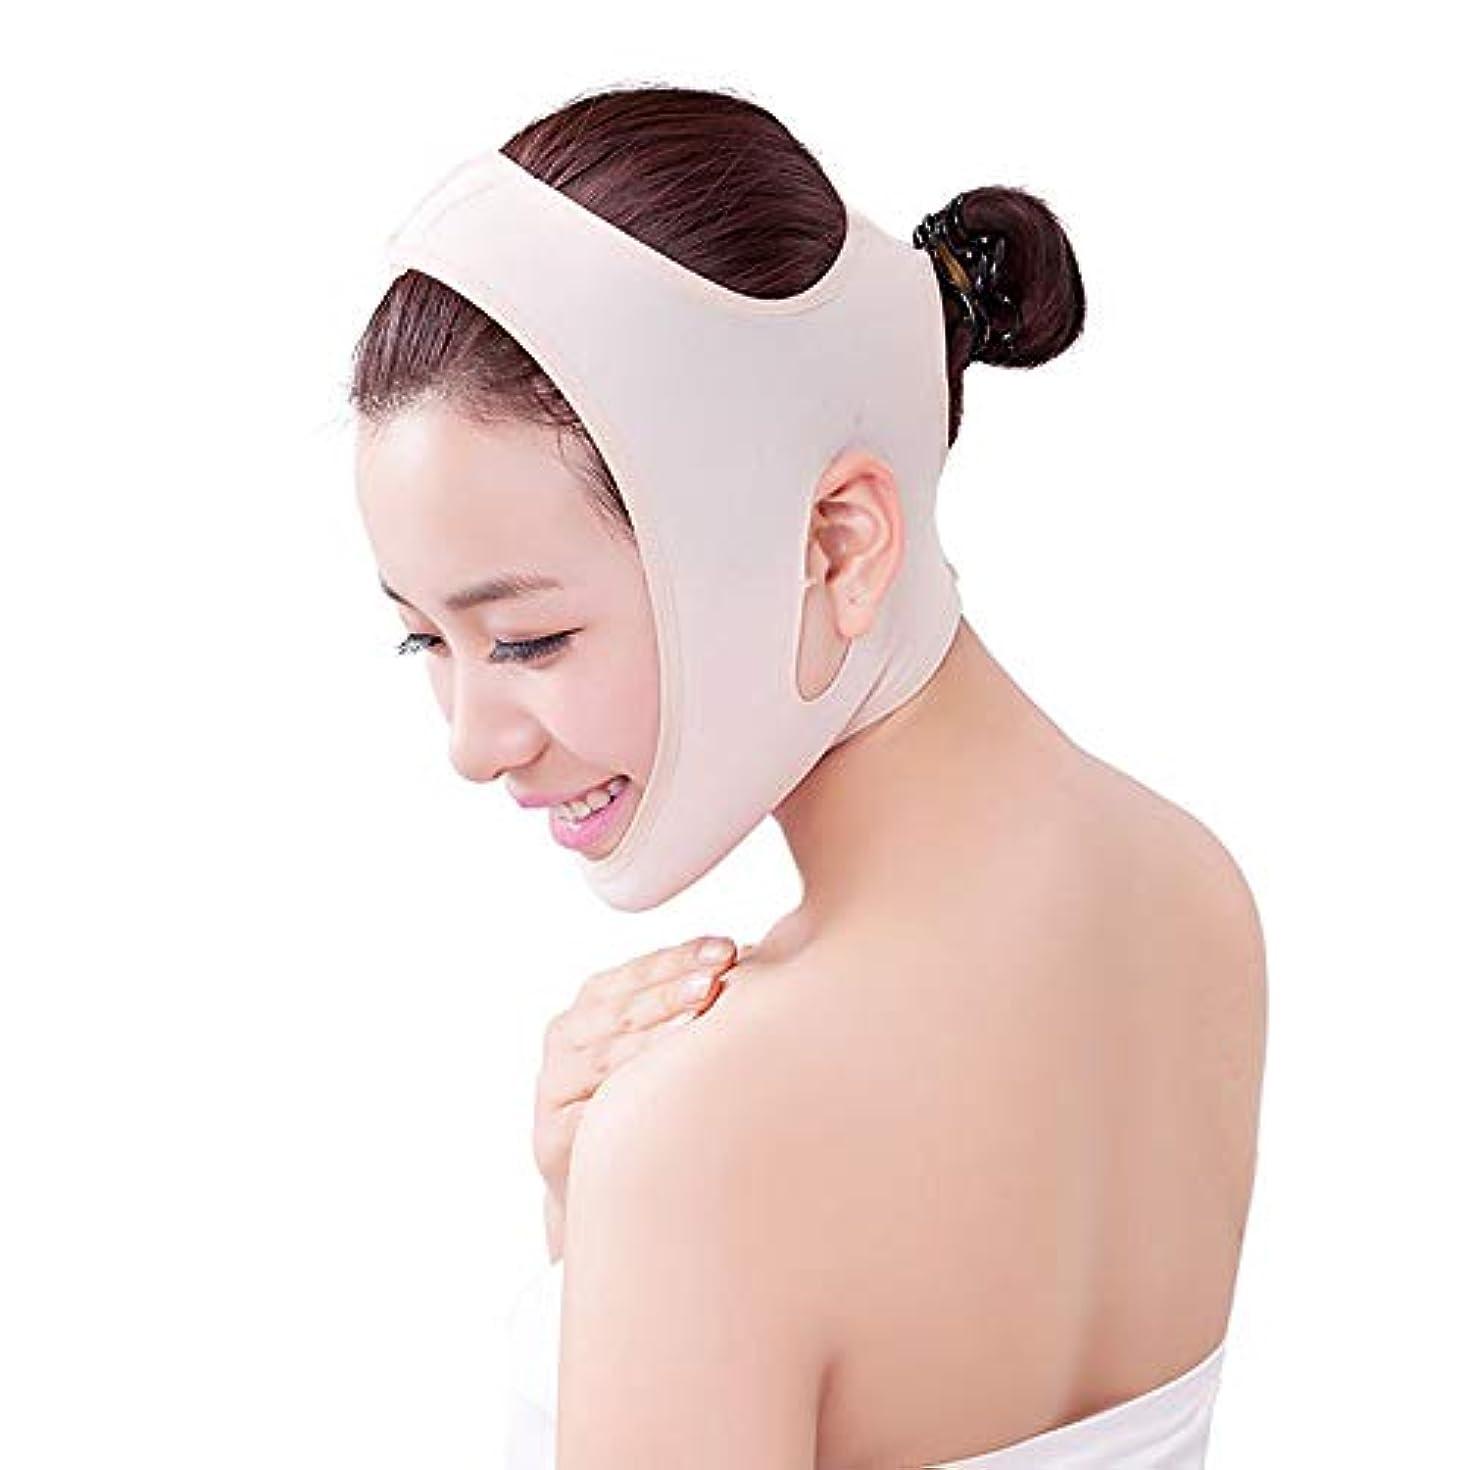 日焼け画像参加者GYZ 顔の持ち上がる痩身ベルト - アンチエイジングリンクルフェイスマスクベルトあなたの顔のためのすばらしい試し二重あごの試し Thin Face Belt (Size : L)